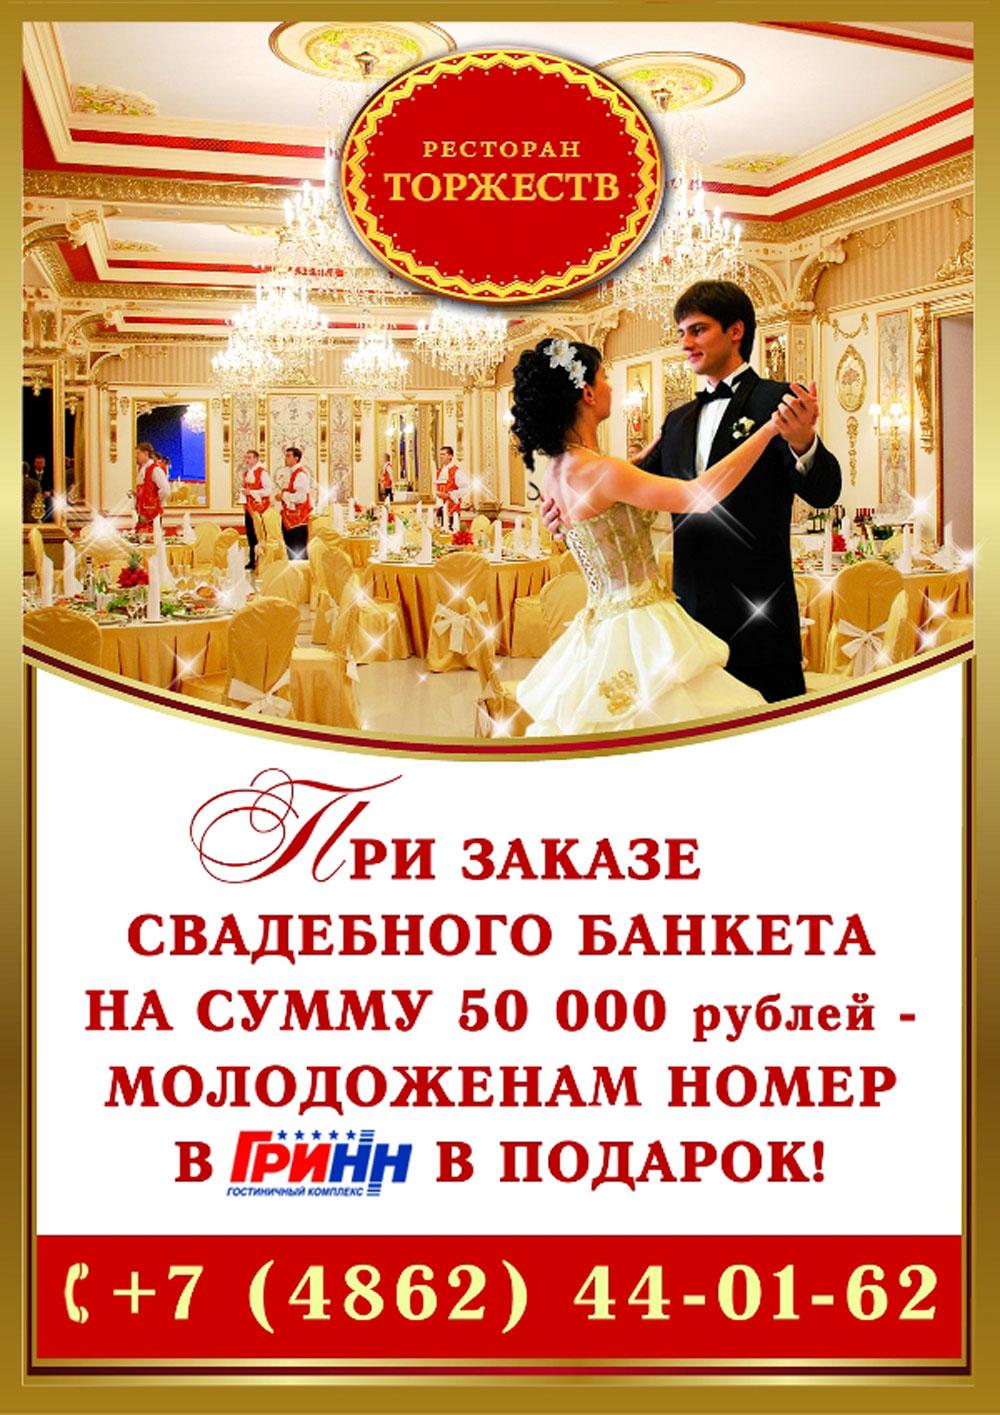 Банкетные залы Минска. Свадебный банкет. Организация банкета цены